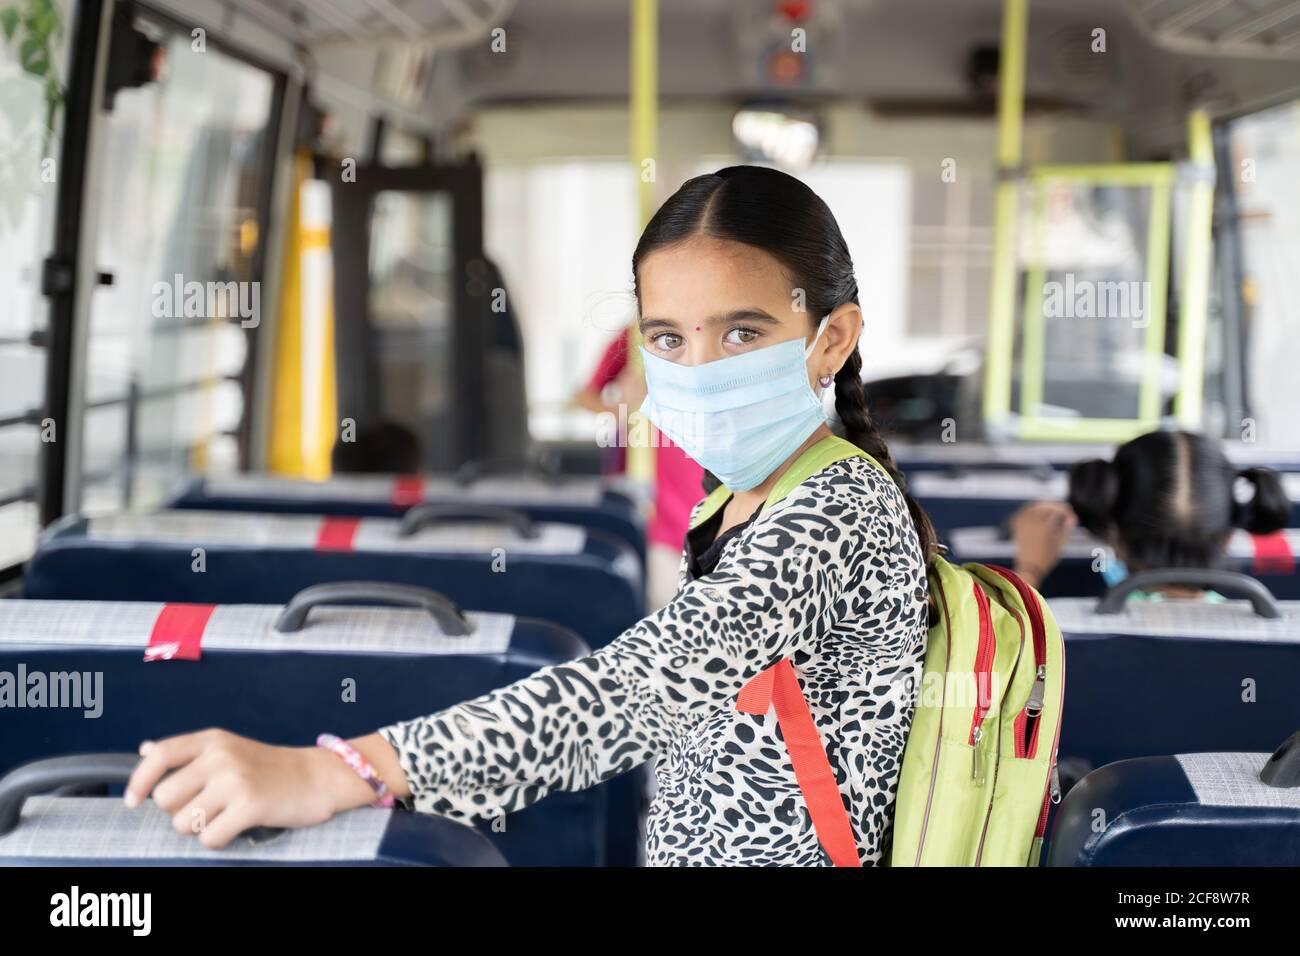 Retrato de niña estudiante en máscara médica dentro de la Autobús escolar mirando la cámara - concepto de la escuela reabrir o volver a la escuela con nueva normalidad Foto de stock